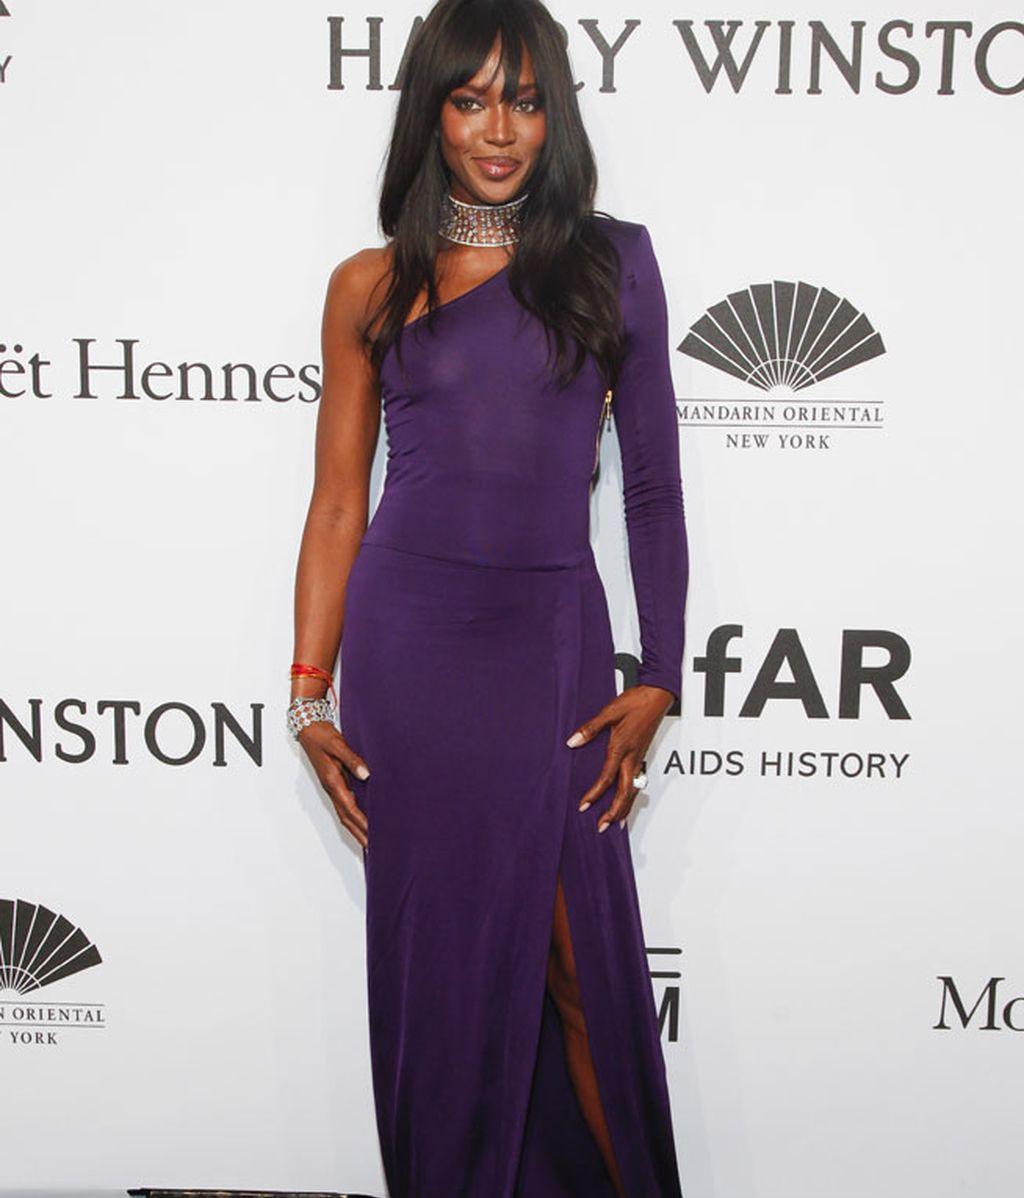 Naomi Campbell eligió un vestido violeta de escote asimétrico con abertura lateral